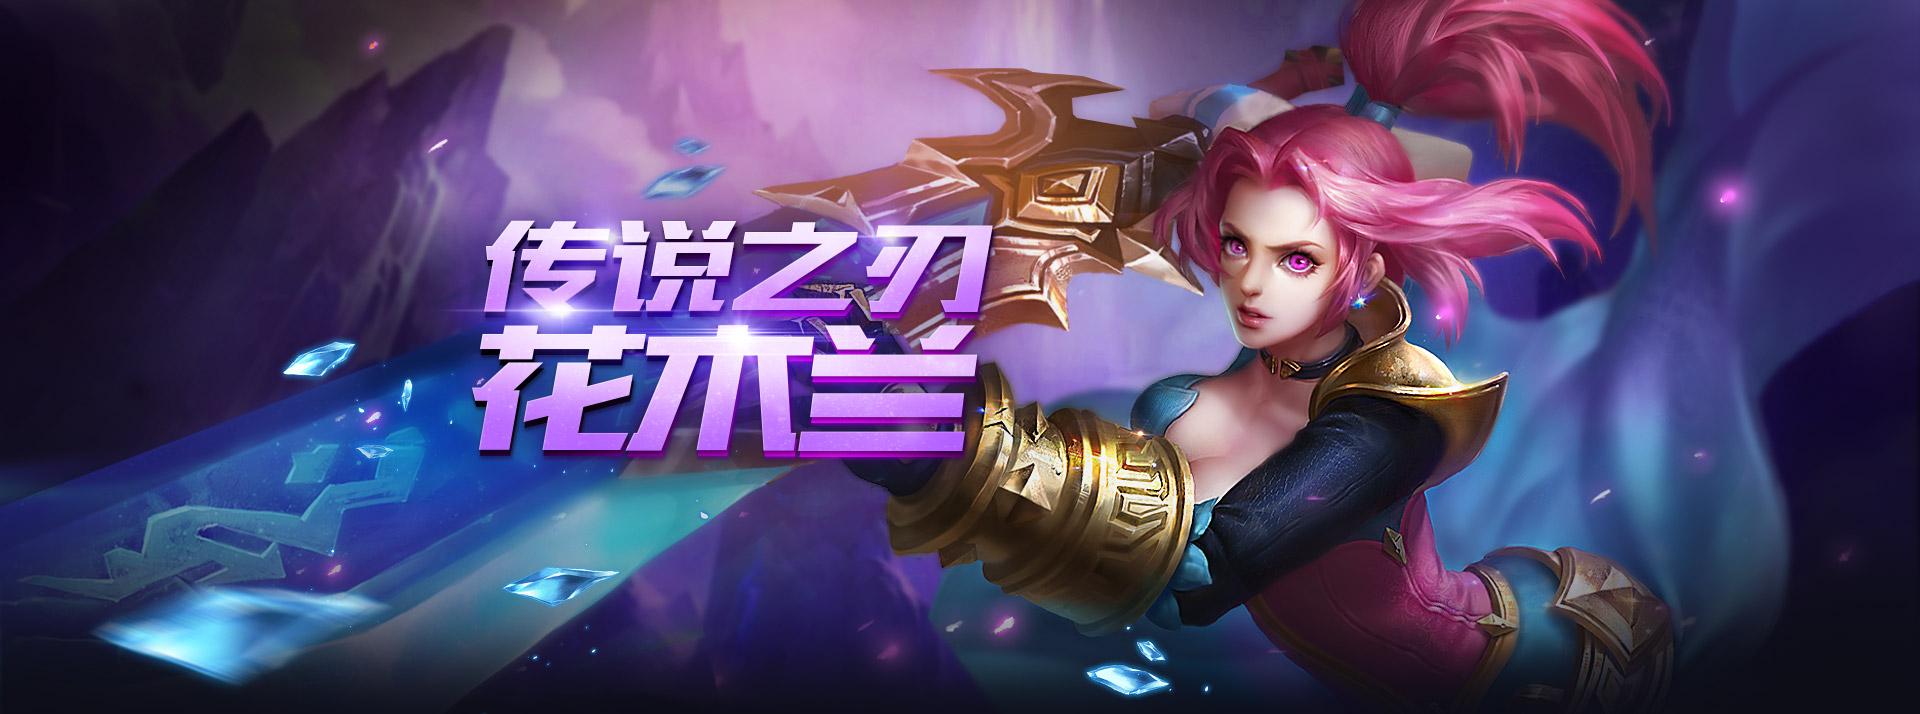 第2弹《王者荣耀英雄皮肤CG》竞技游戏97